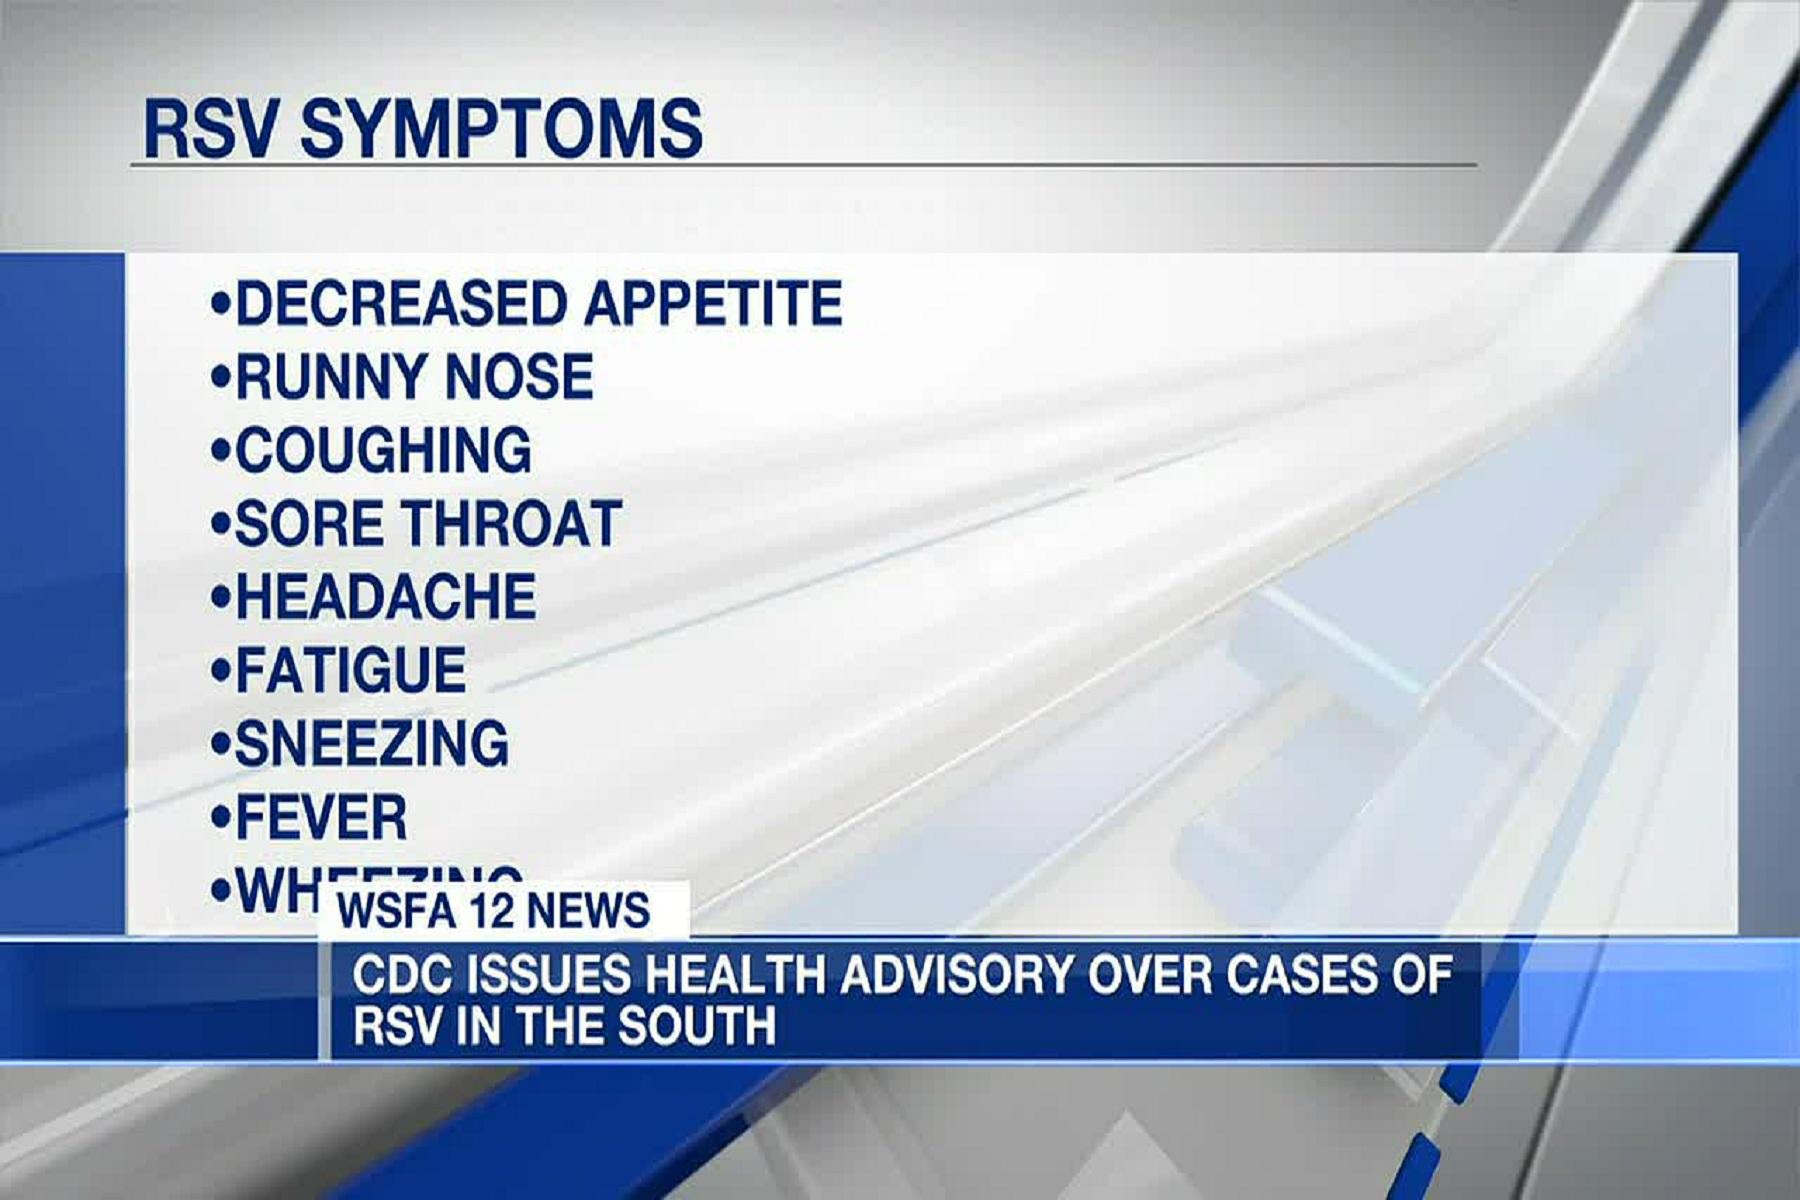 ΗΠΑ CDC: Προειδοποιούν για αύξηση των κρουσμάτων του αναπνευστικού συγκυτιακού ιού RSV